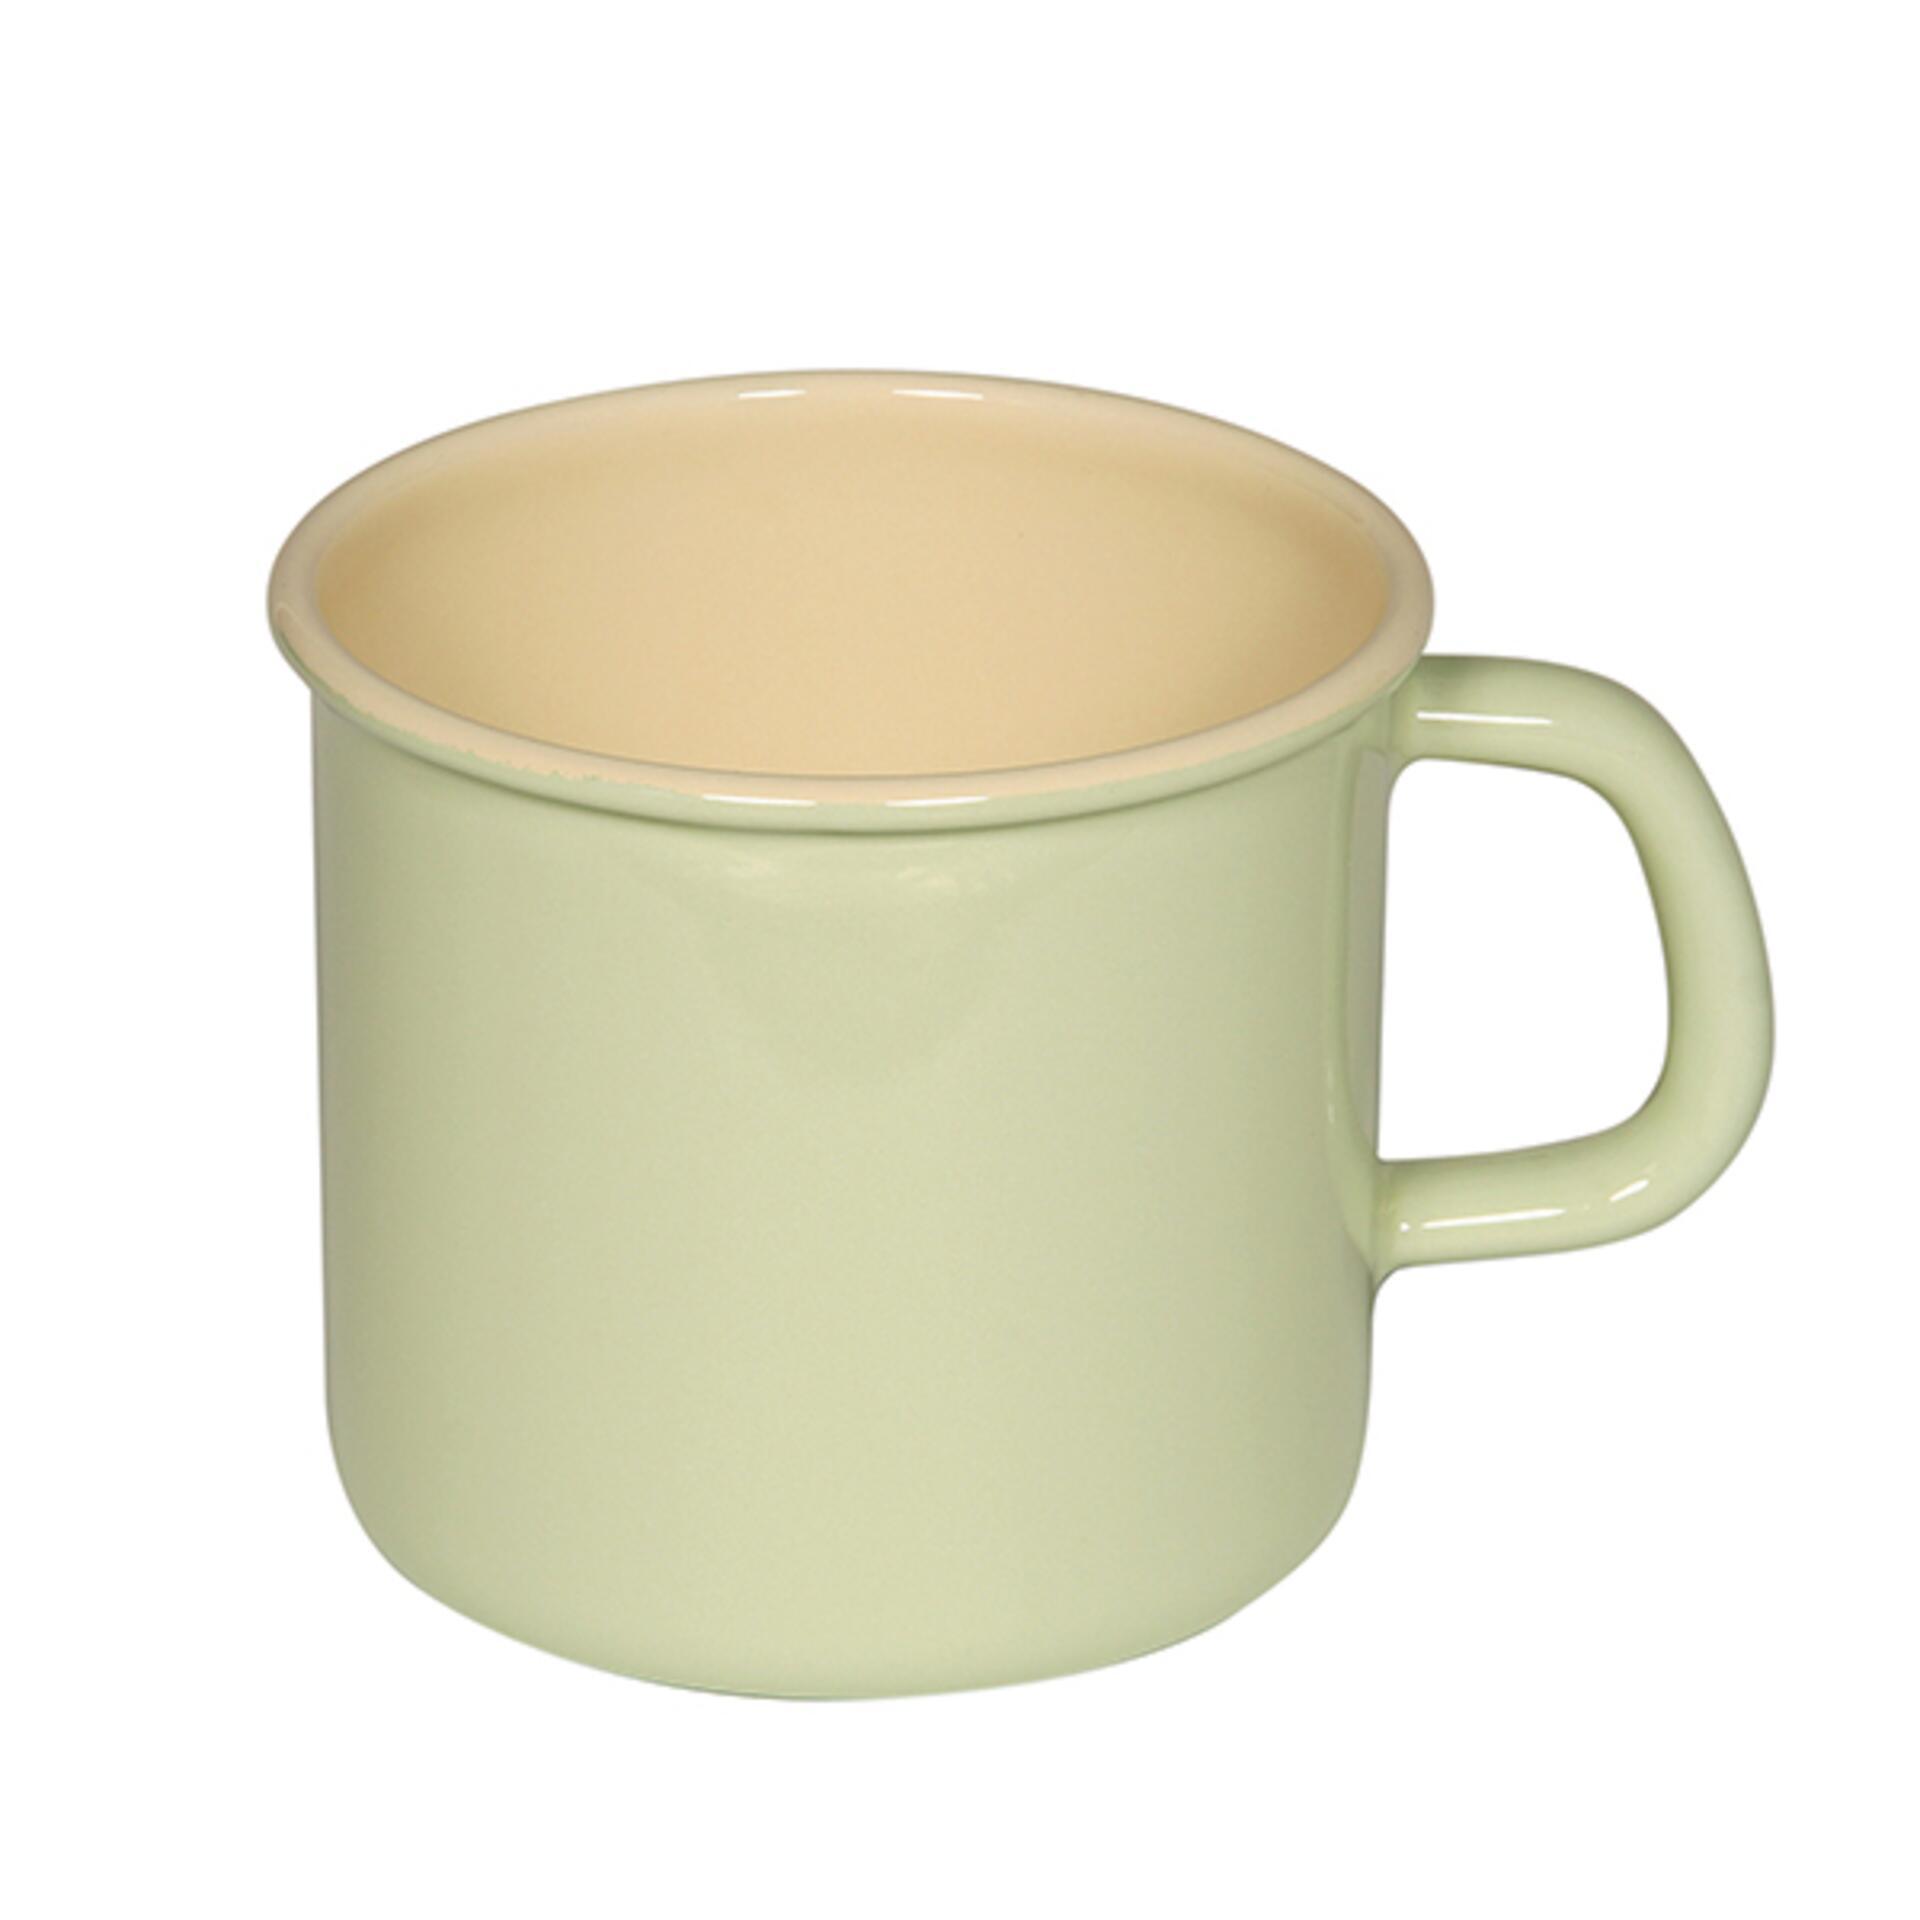 Topf mit Bördel Nilgrün 11 cm 0,75 l